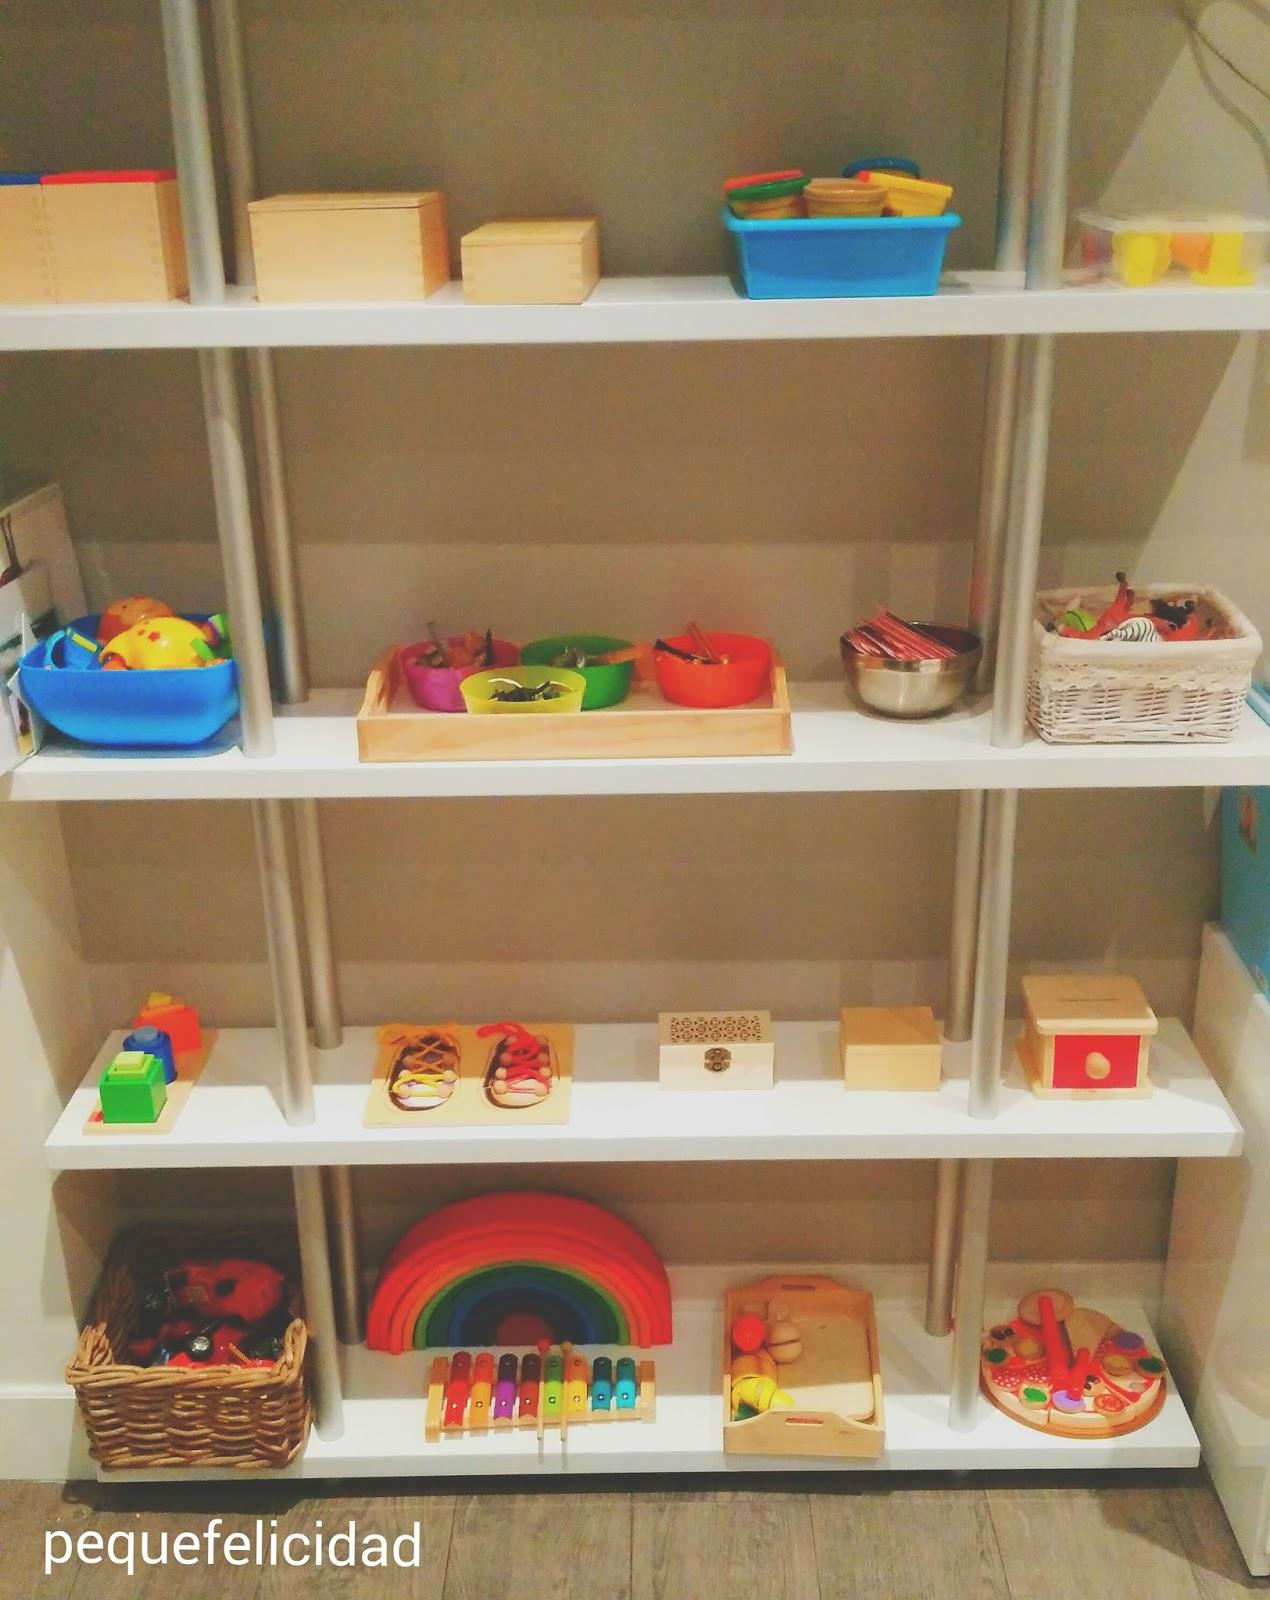 Pequefelicidad las claves para un buen ambiente preparado - Juegos de organizar casas ...